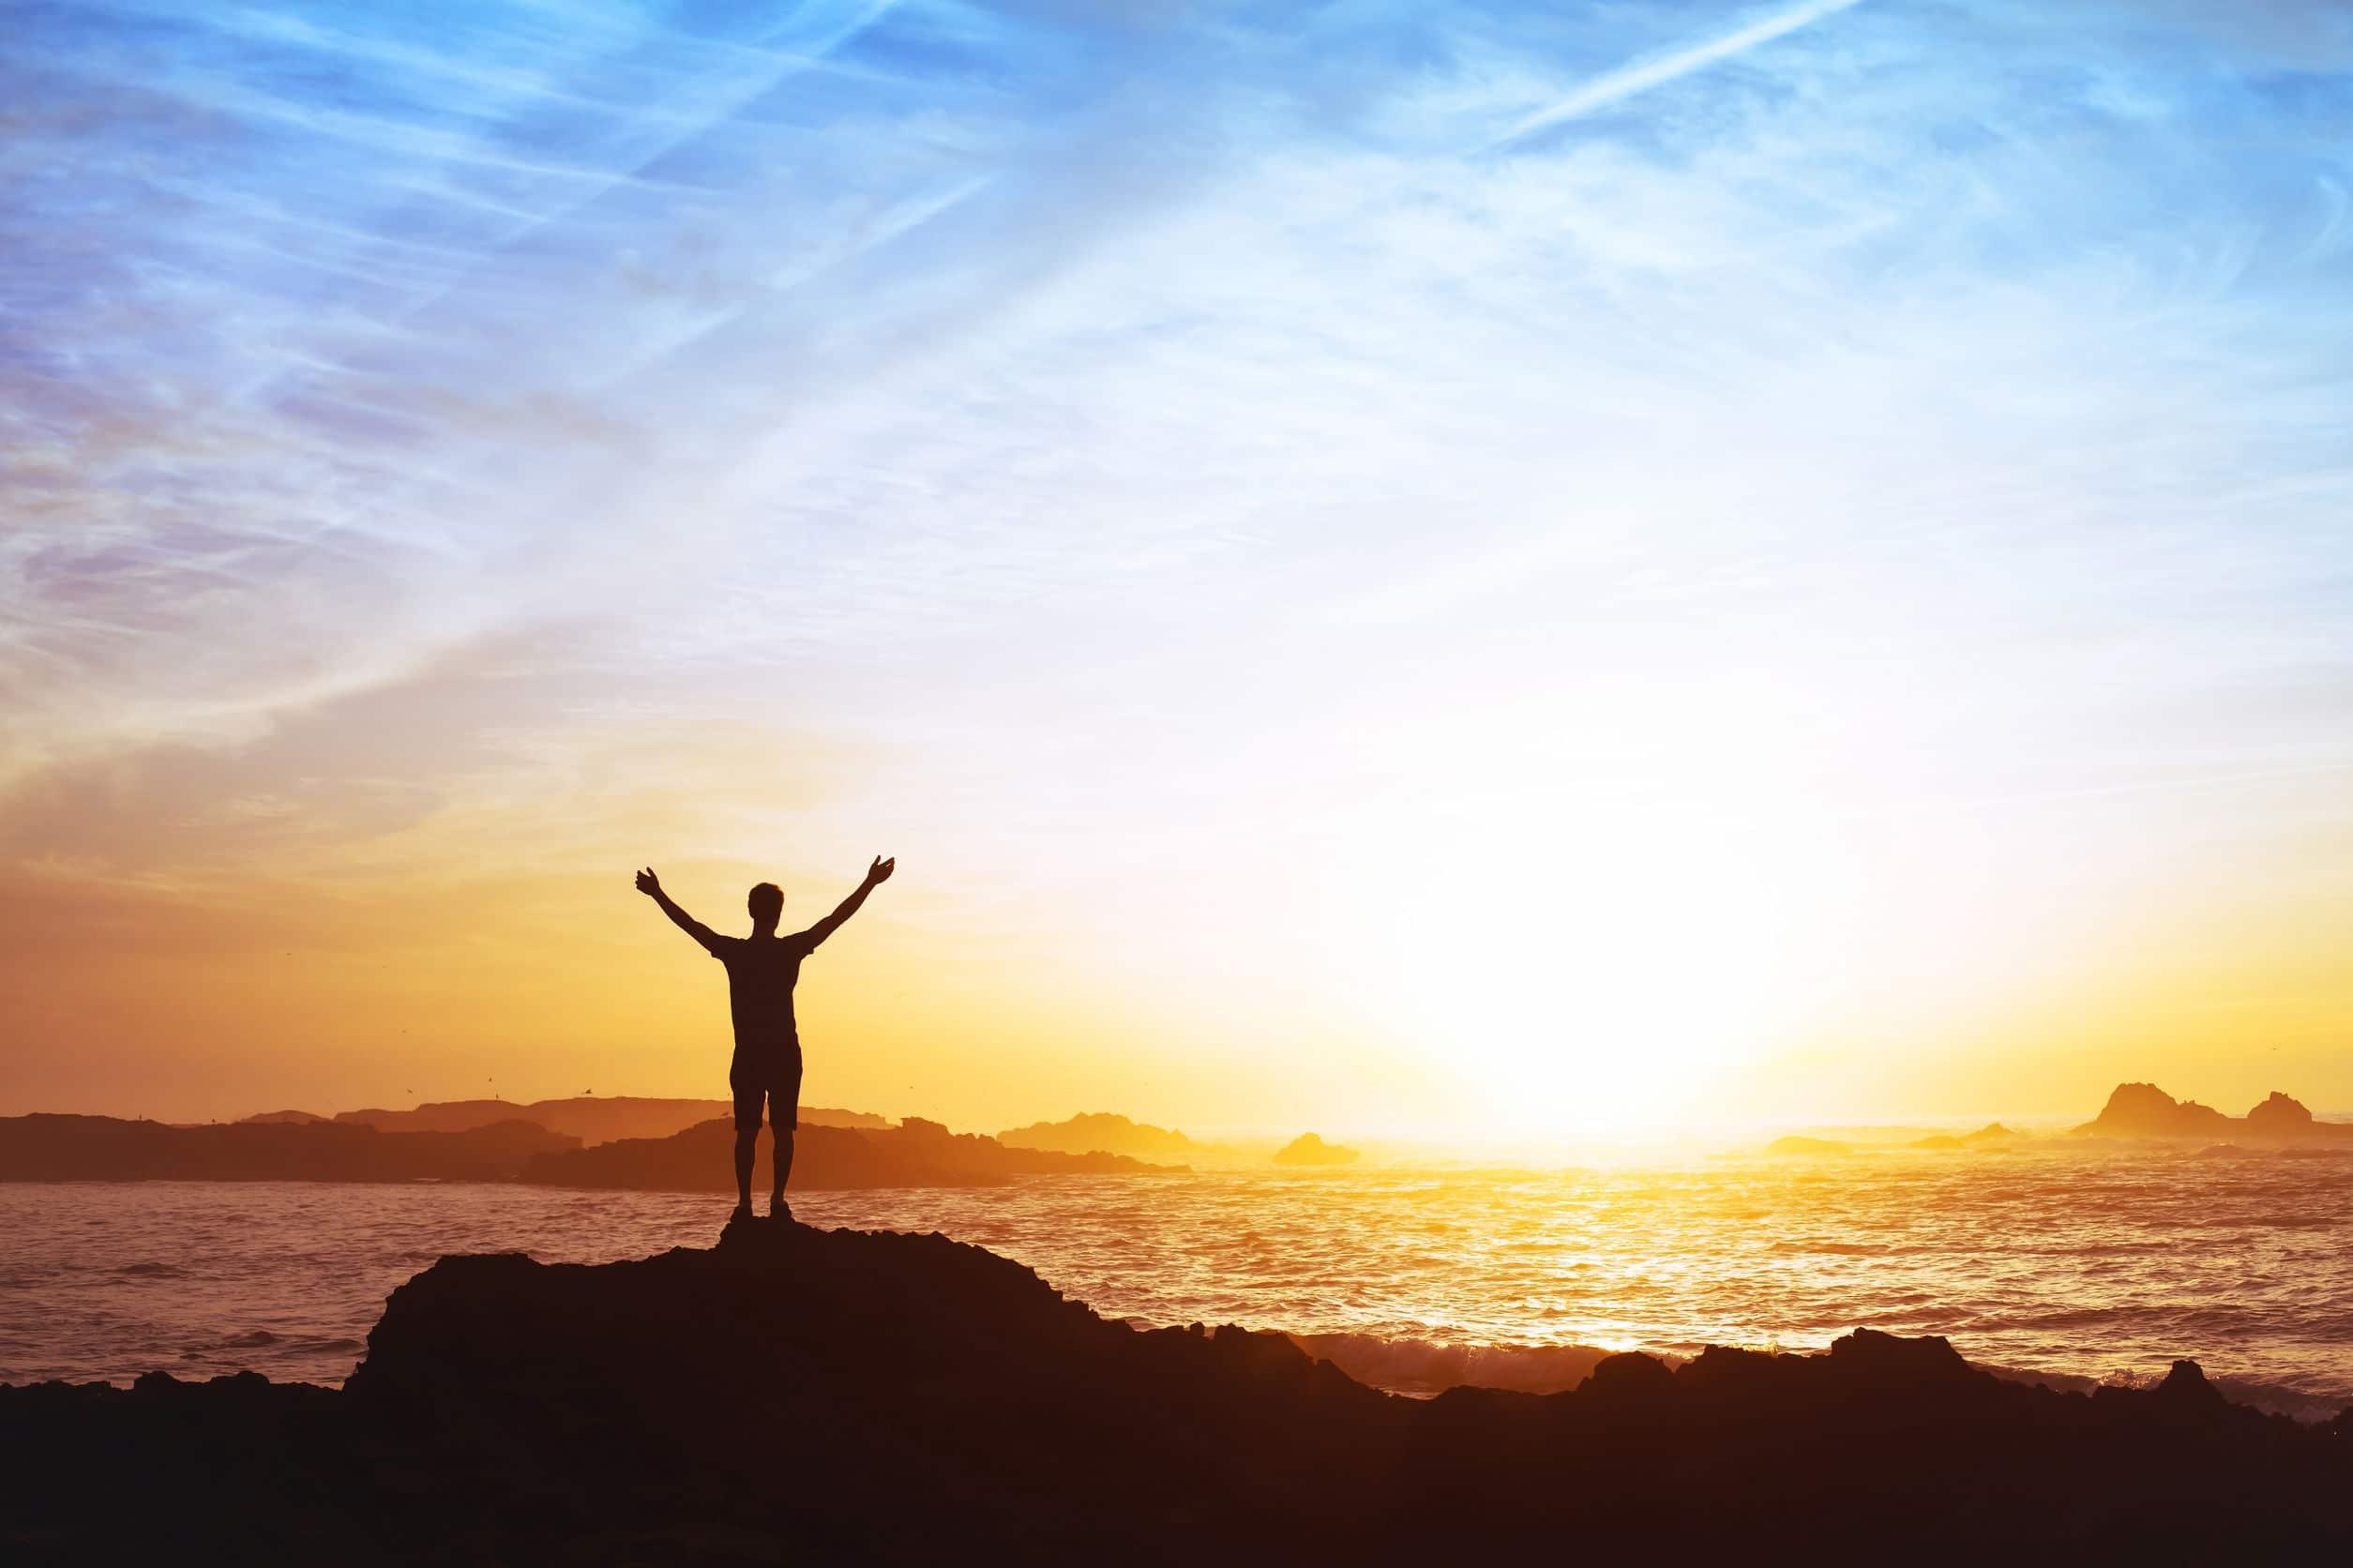 Silhueta de homem em pé em pedras, na frente do mar, observando o pôr do sol.